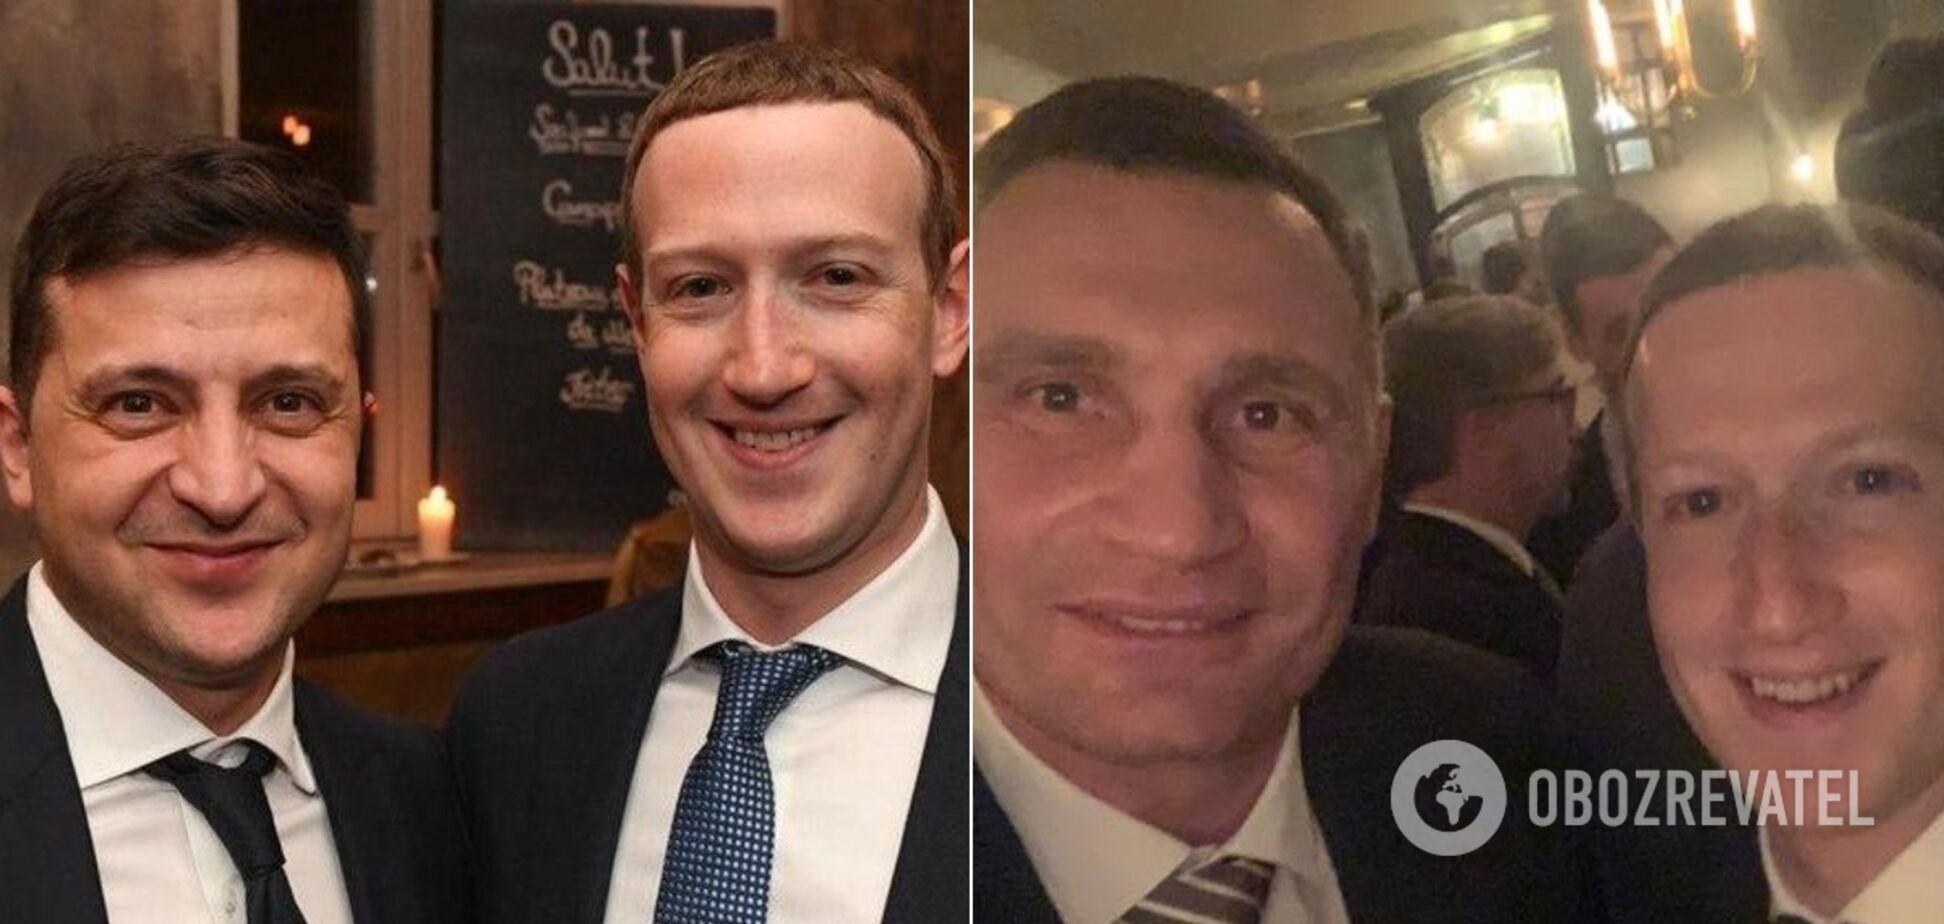 Зеленський і Кличко похвалилися фото з Цукербергом